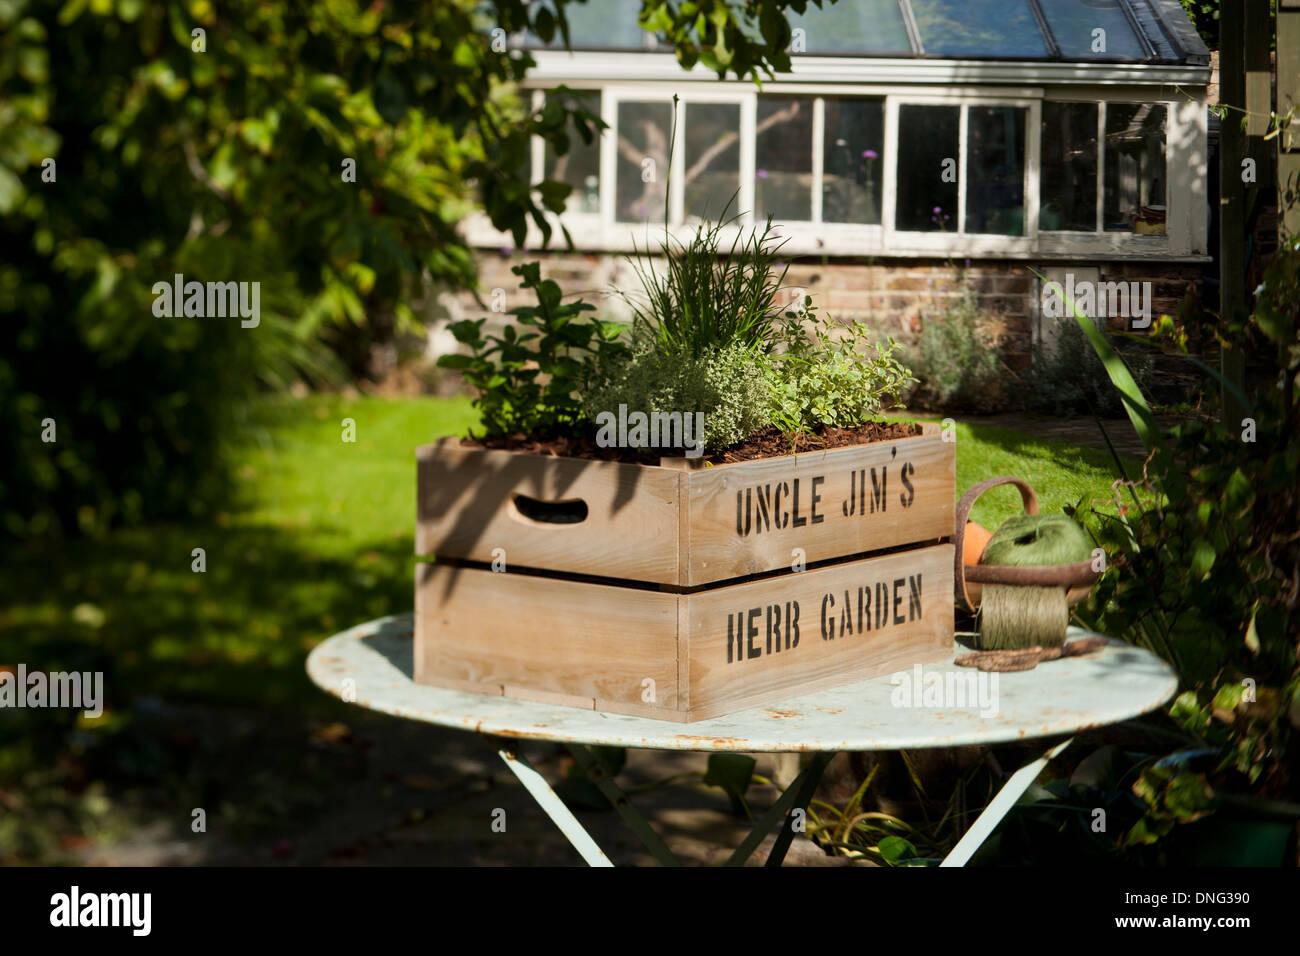 Uncle Jim's Jardín de Hierbas; personalizada caja de madera llena de tierra. Varias hierbas creciendo. Imagen De Stock